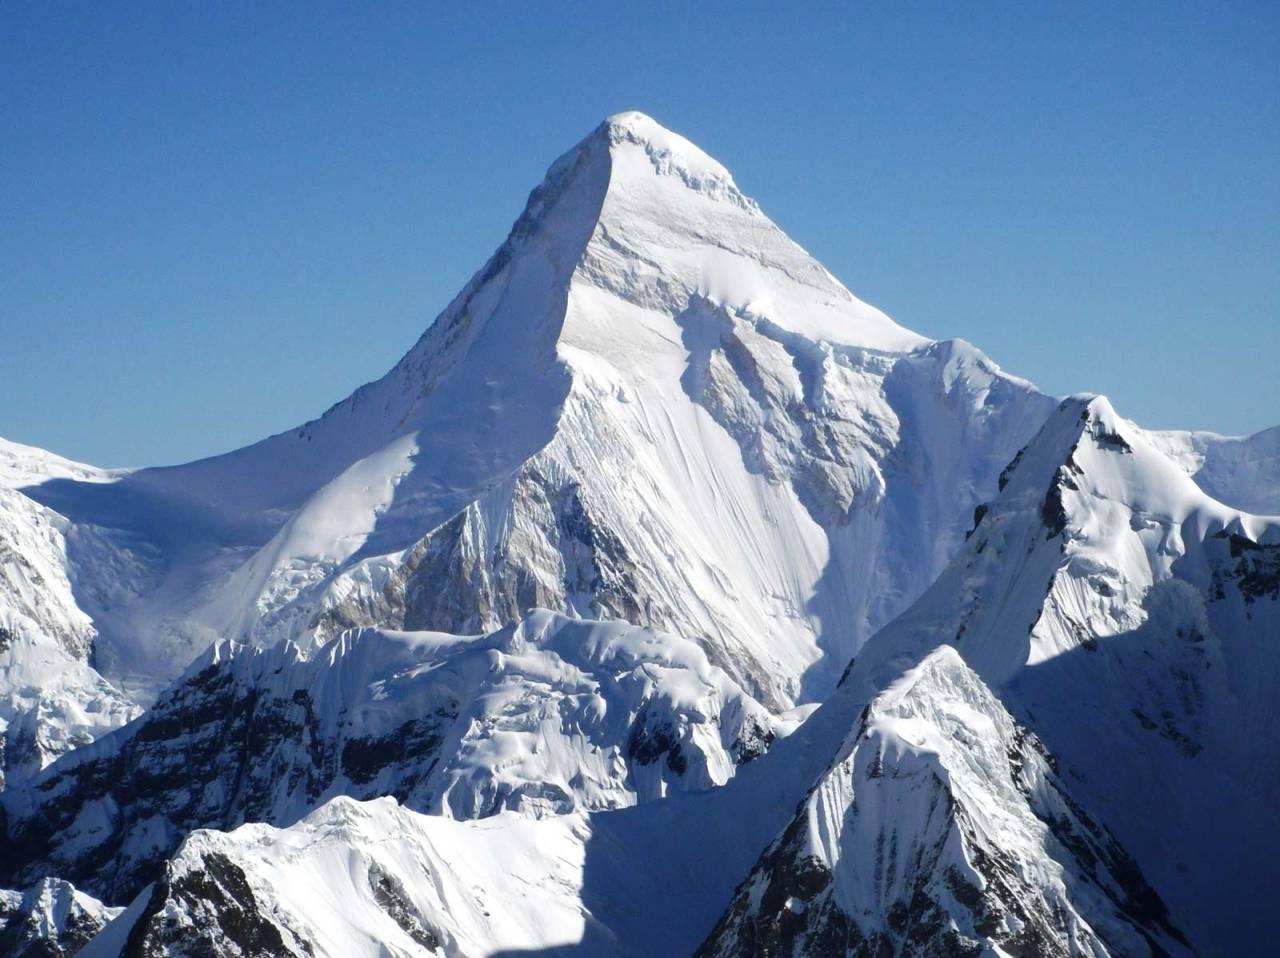 Mektig: Khan Tengri (7010 moh) er et imponerene syn. Navnet betyr angivelig noe slikt som «himmelens hersker». Foto: Asset Danyalov